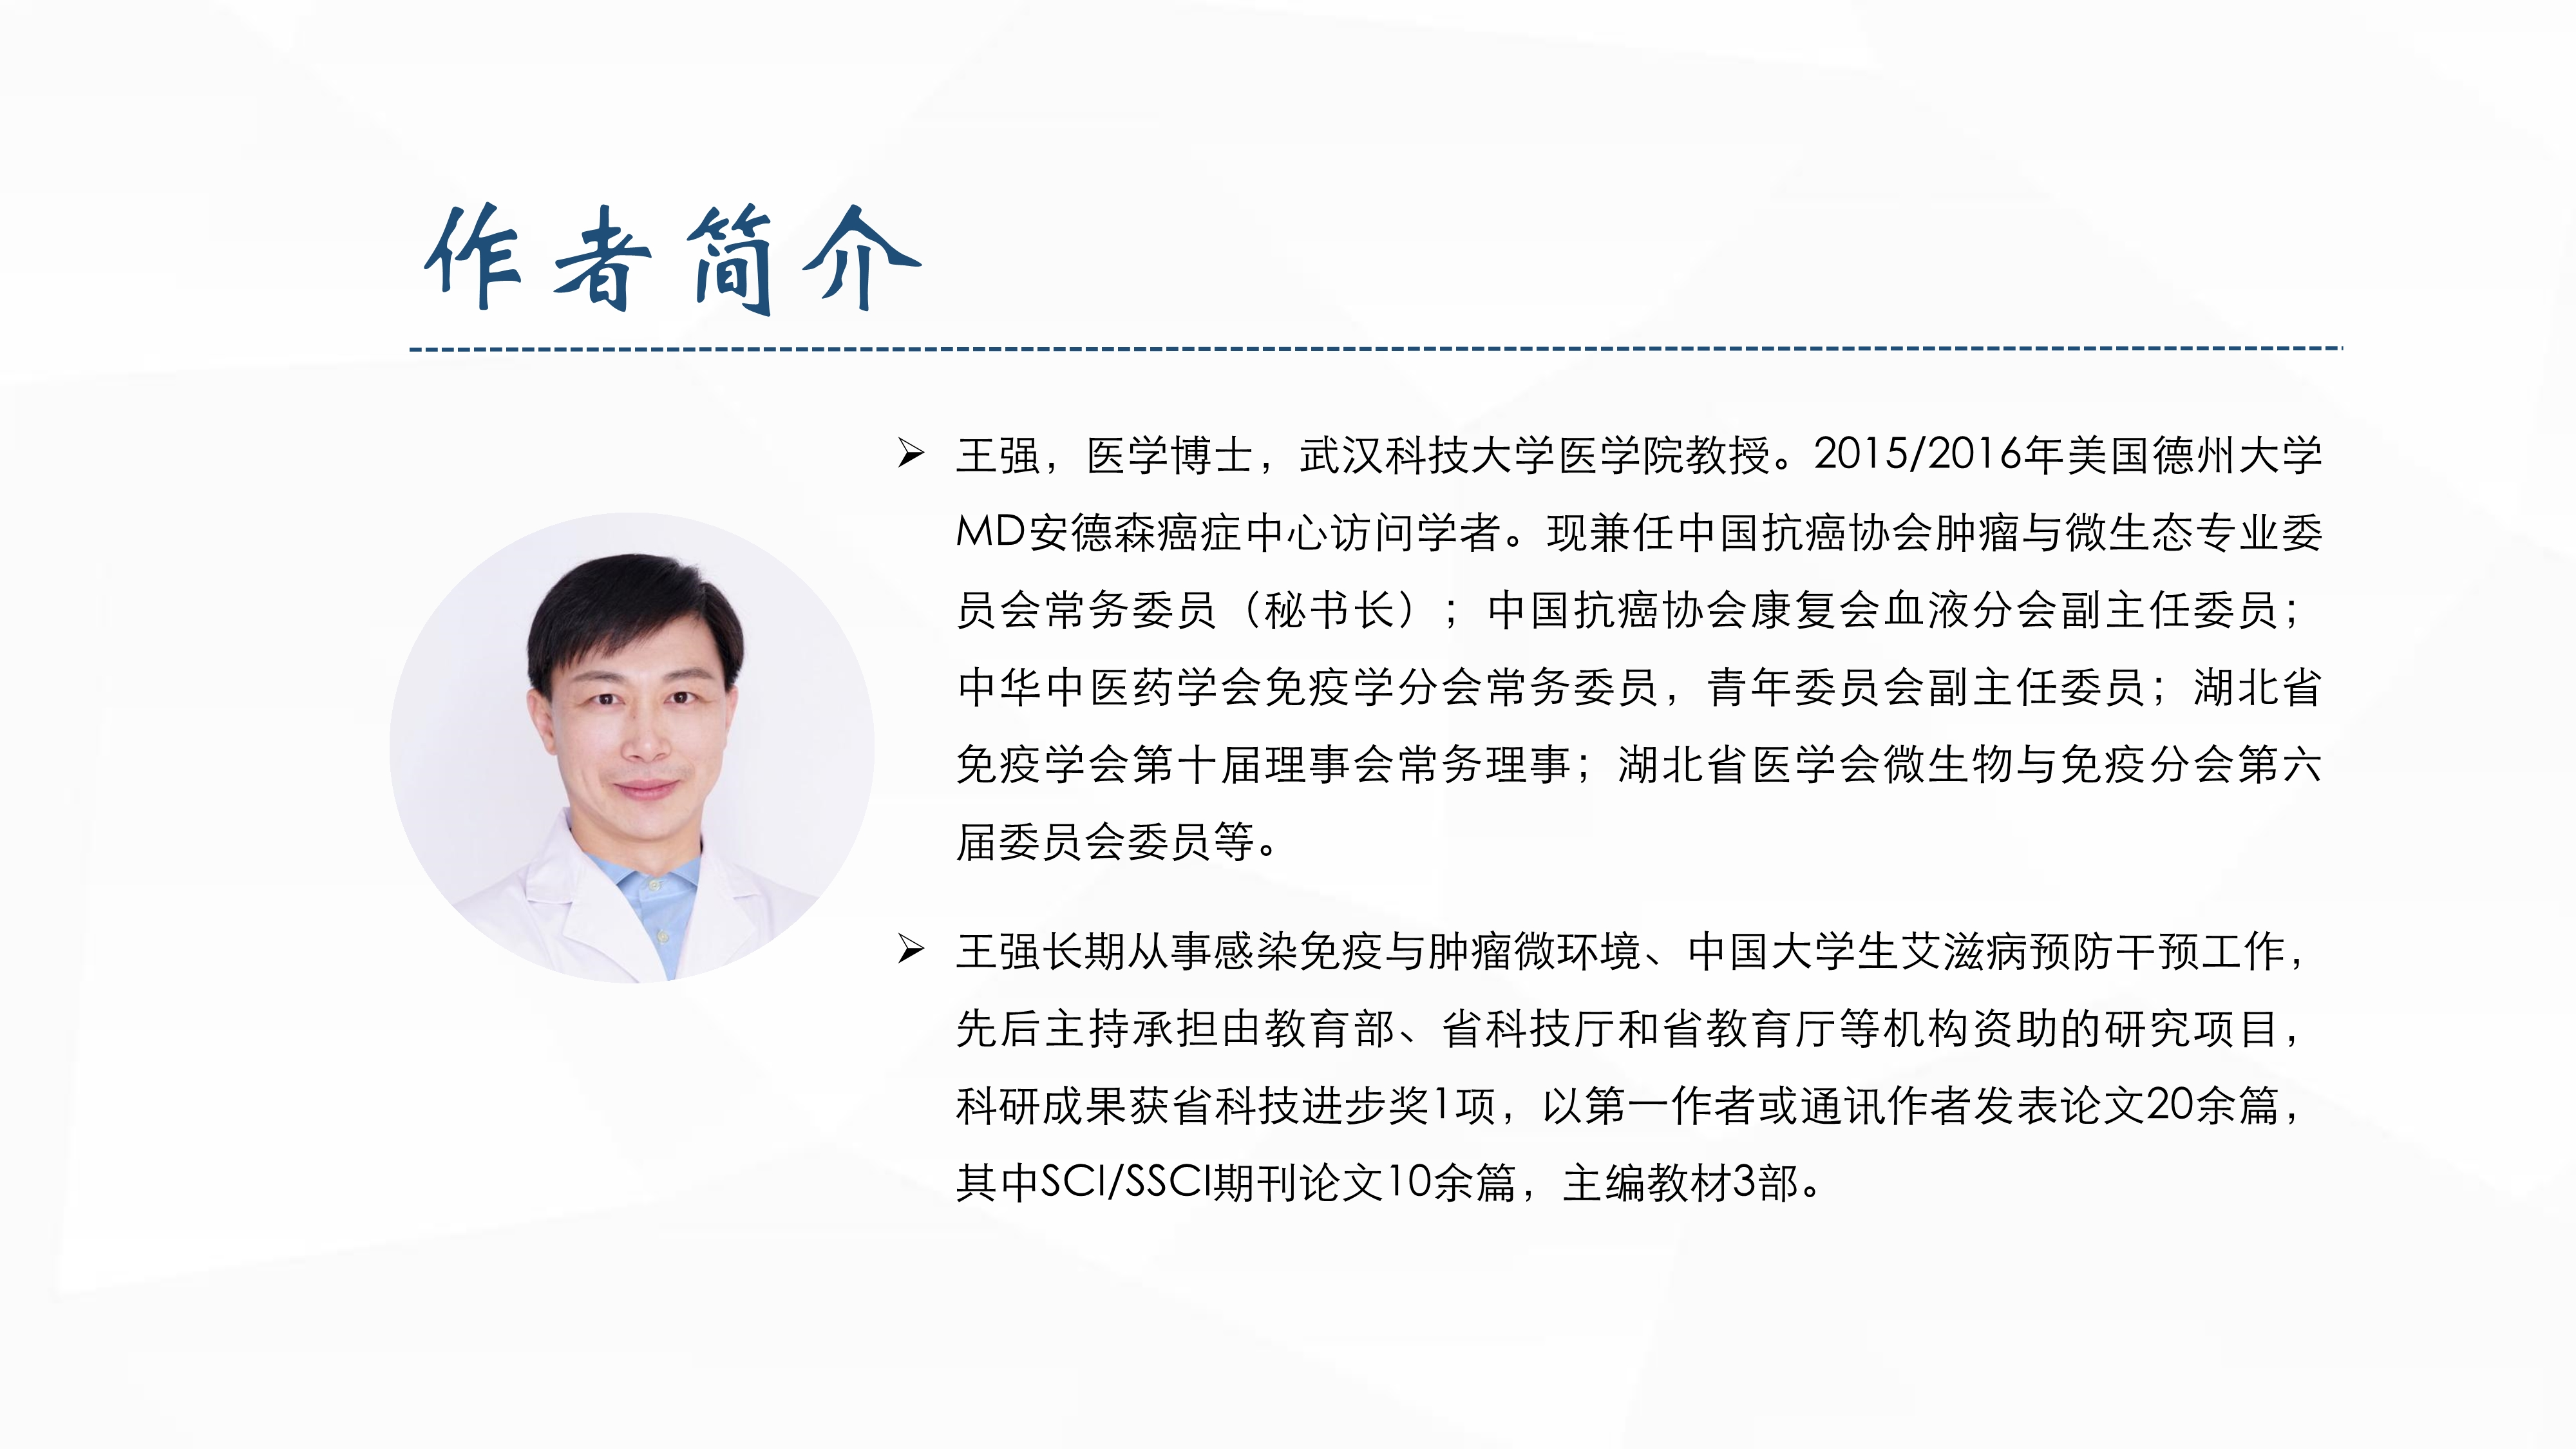 新型冠状病毒肺炎预防手册_4